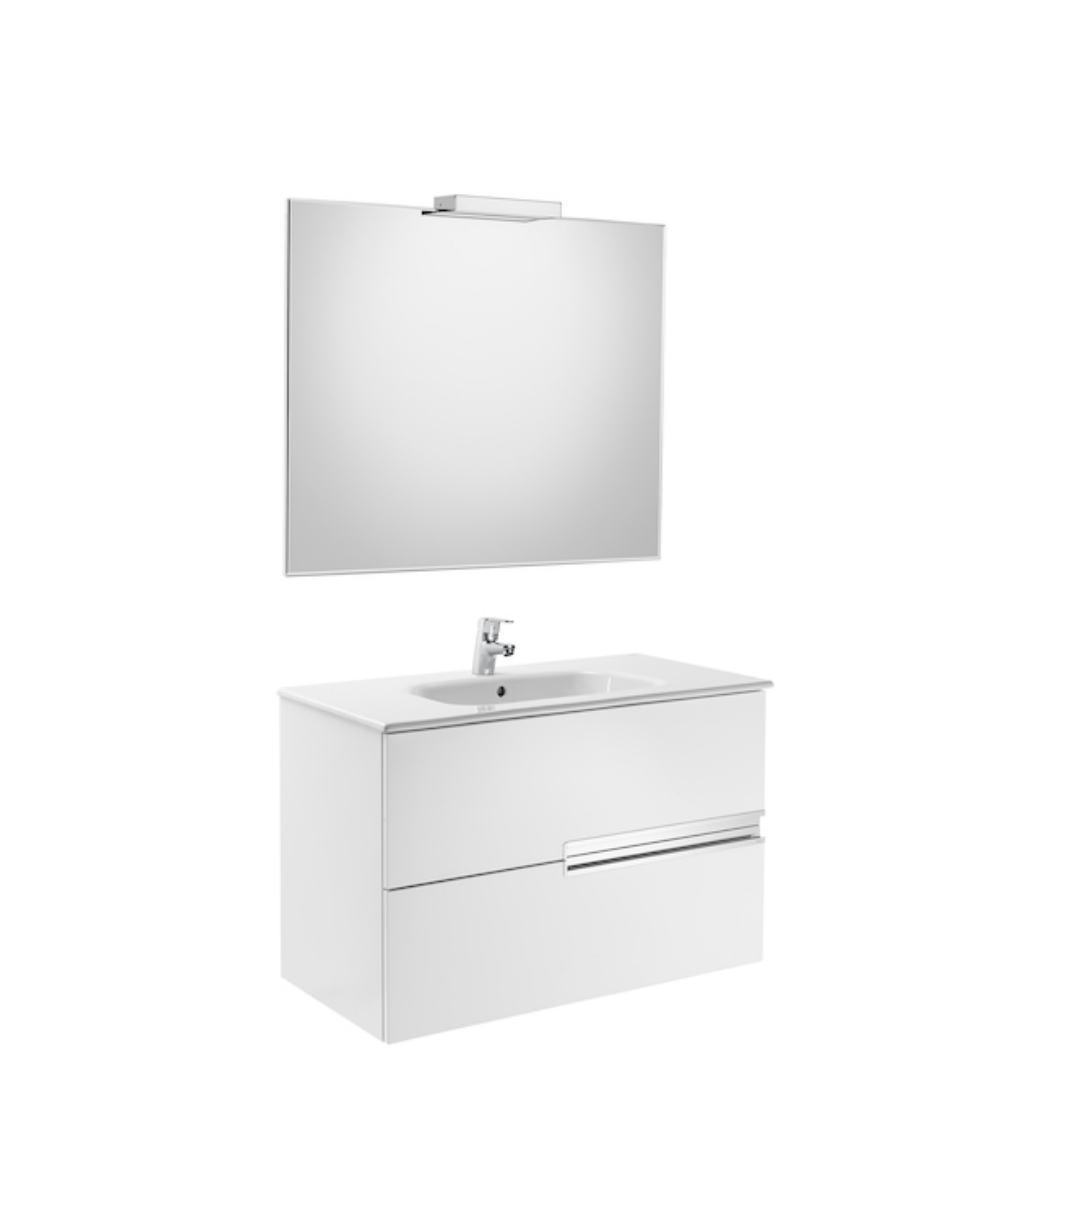 Conjunto mueble de ba o roca victoria n 80x46 blanco for Roca modelo victoria precios